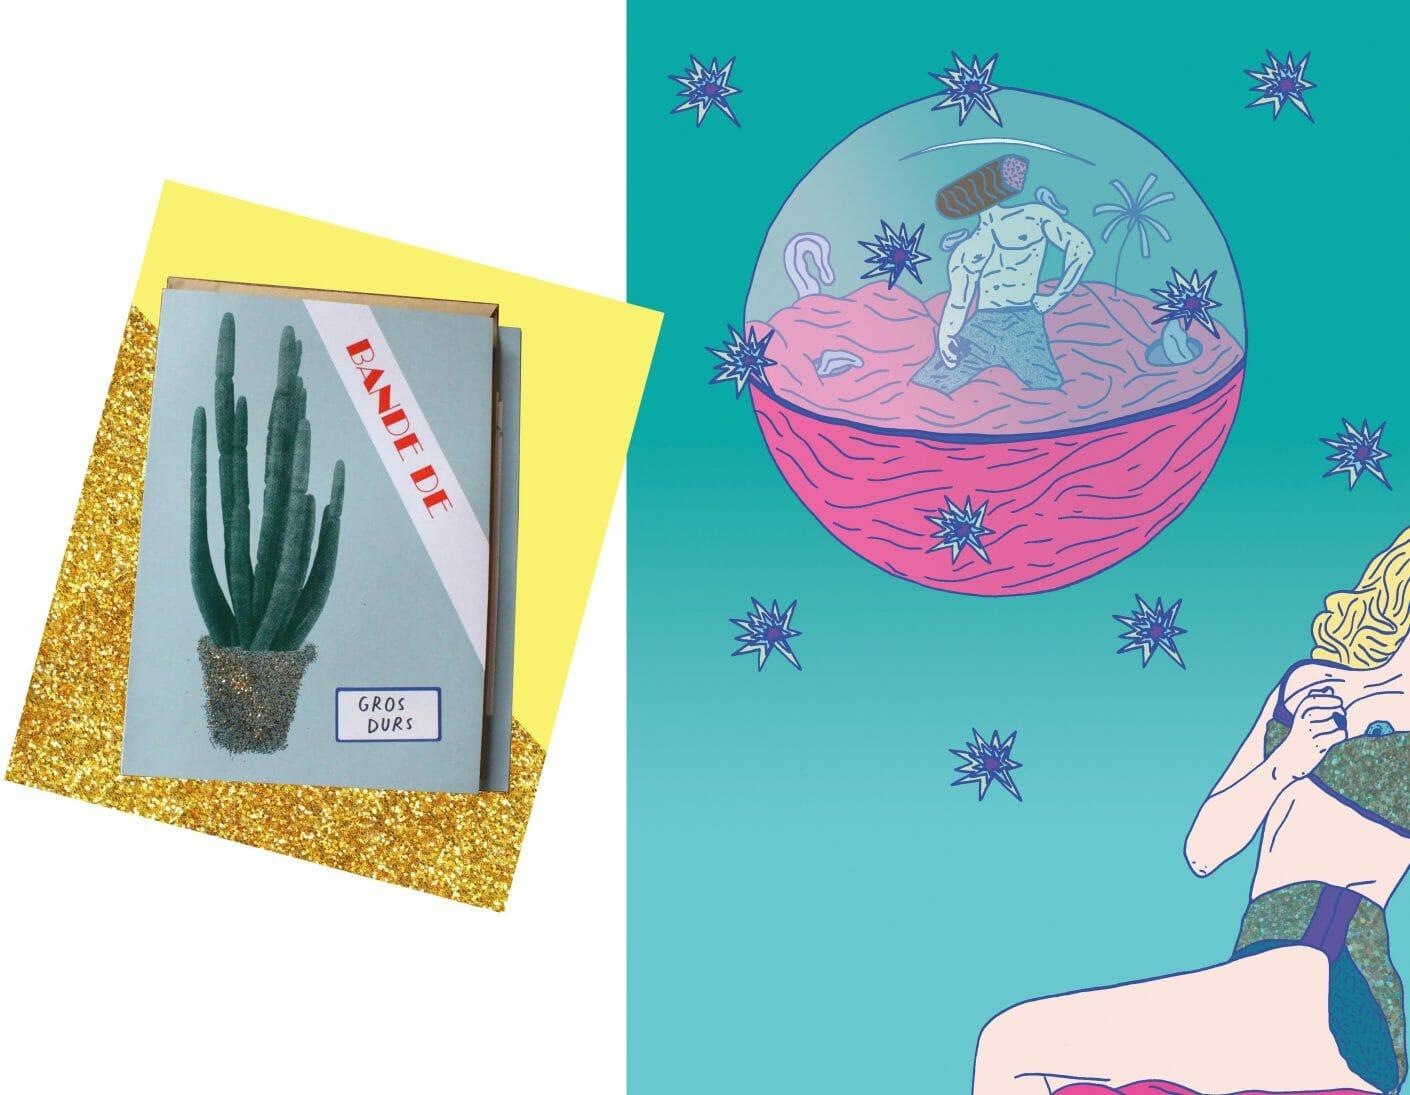 Les 10 meilleurs illustrateurs/trices de ton année 2016 11